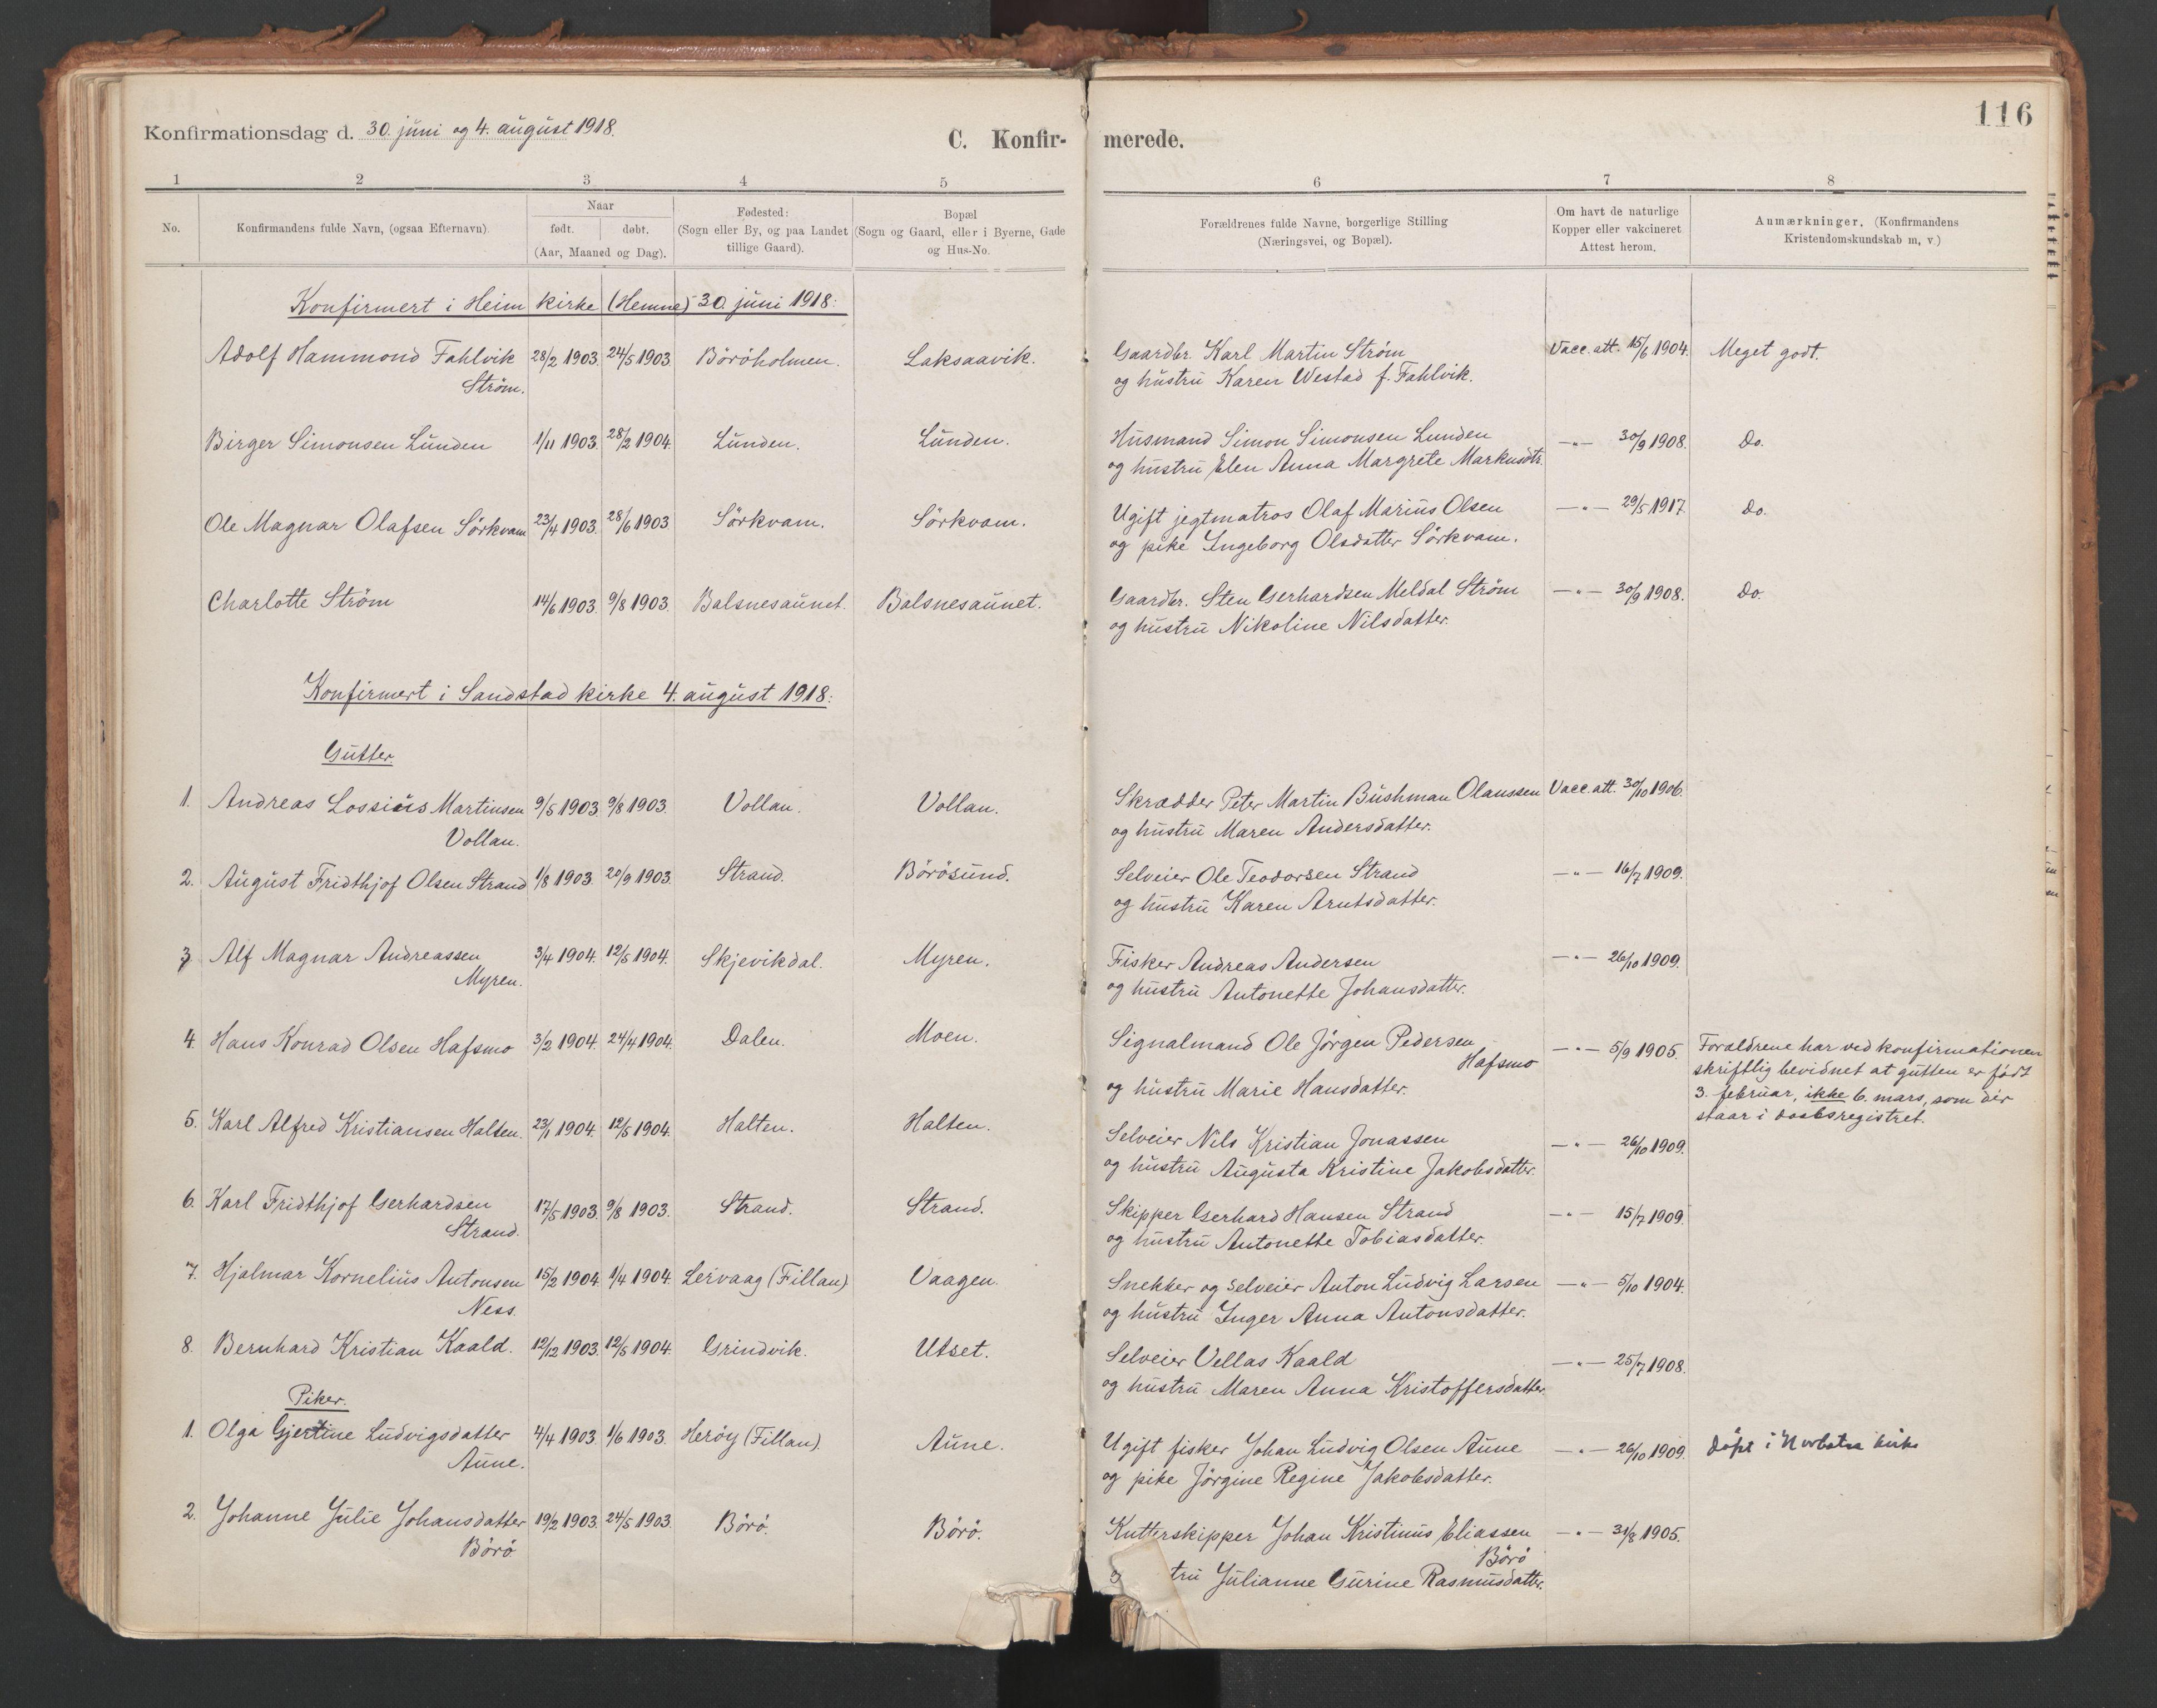 SAT, Ministerialprotokoller, klokkerbøker og fødselsregistre - Sør-Trøndelag, 639/L0572: Ministerialbok nr. 639A01, 1890-1920, s. 116